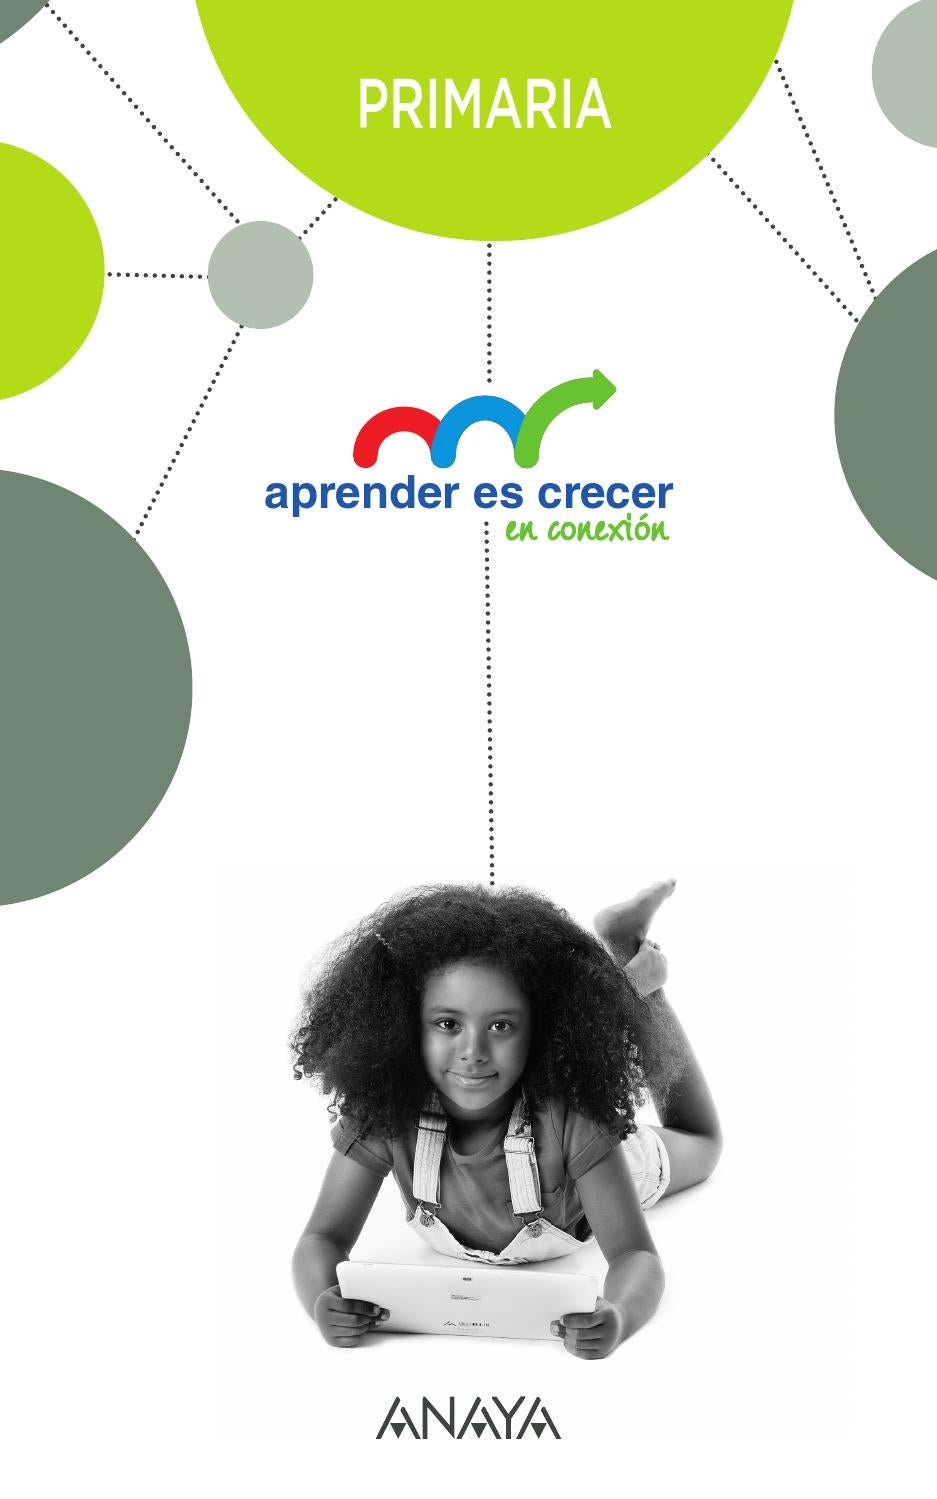 APRENDER ES CRECER EN CONEXIÓN by Grupo Anaya, SA - issuu